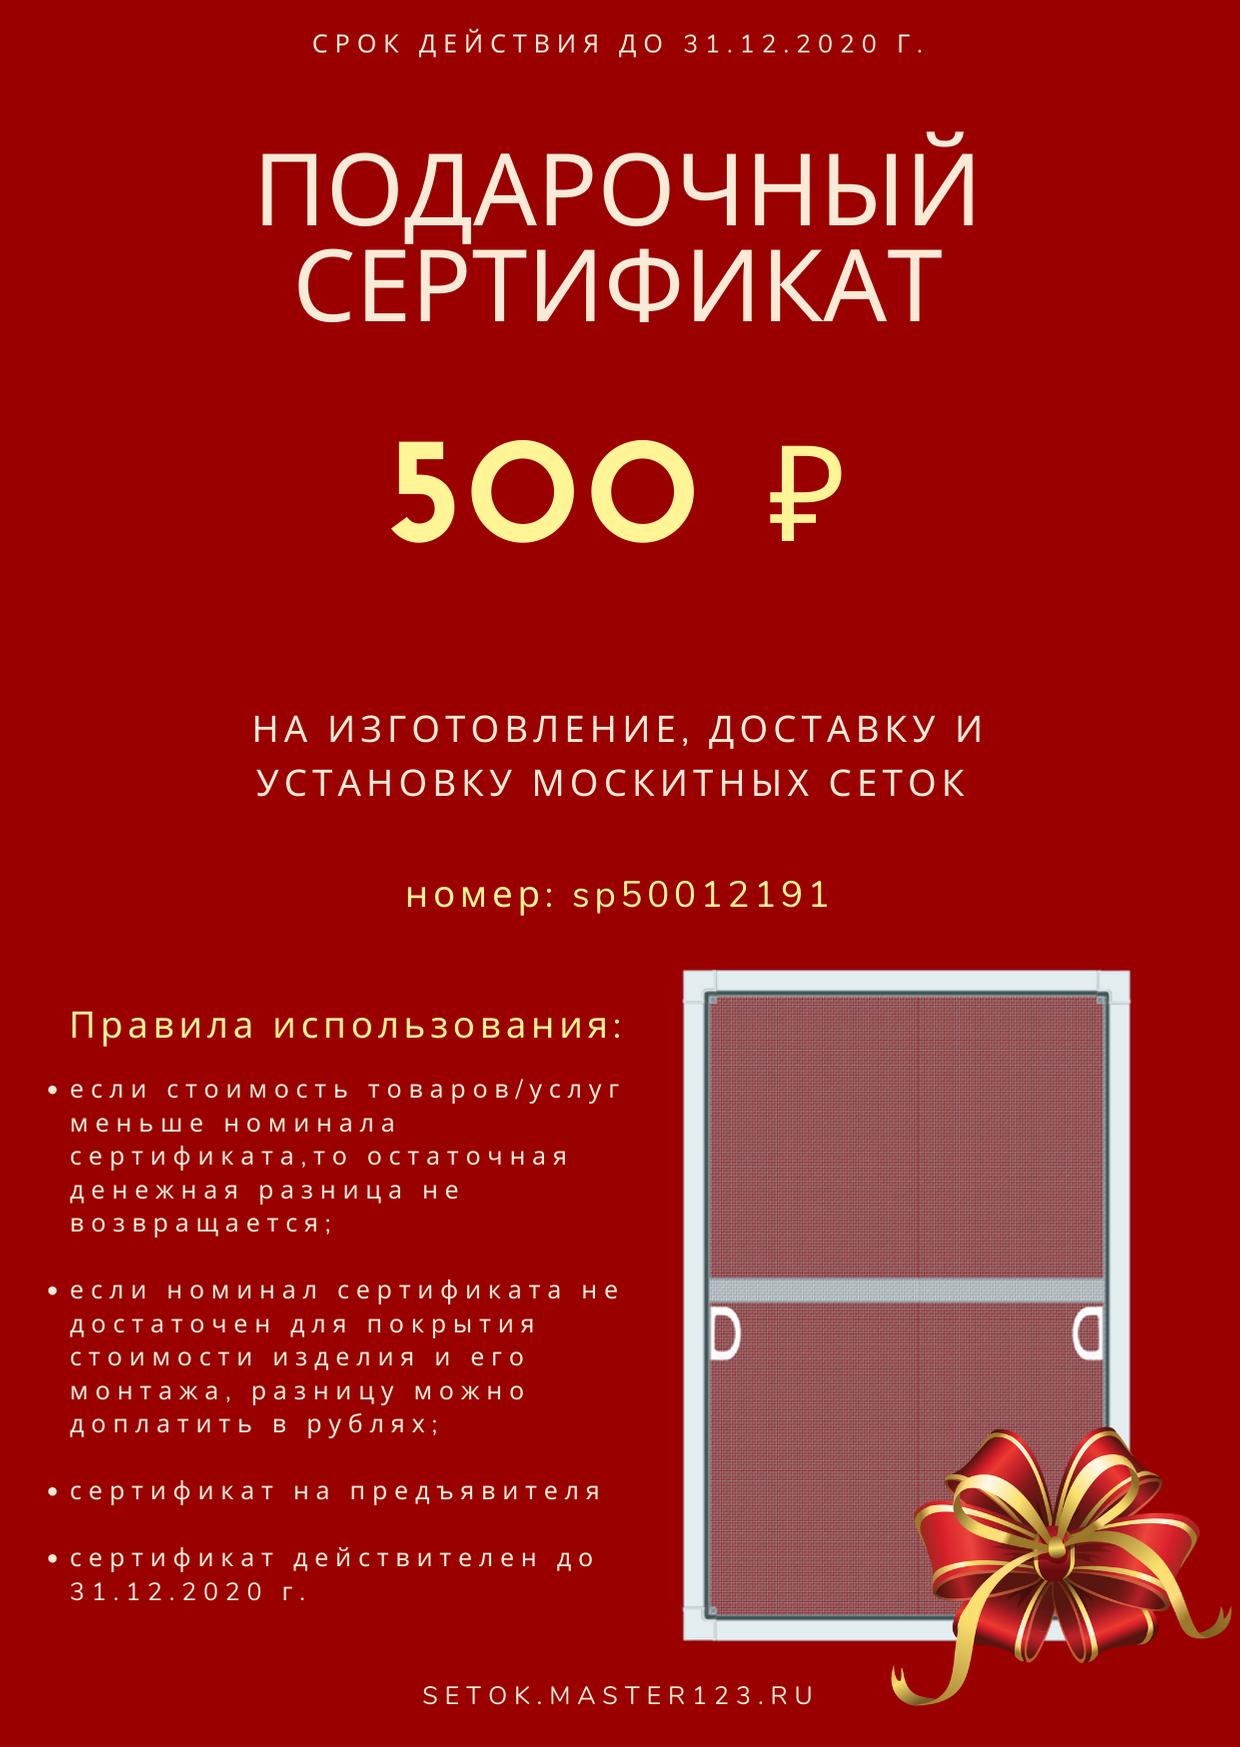 moskitnaya setka sertifikat